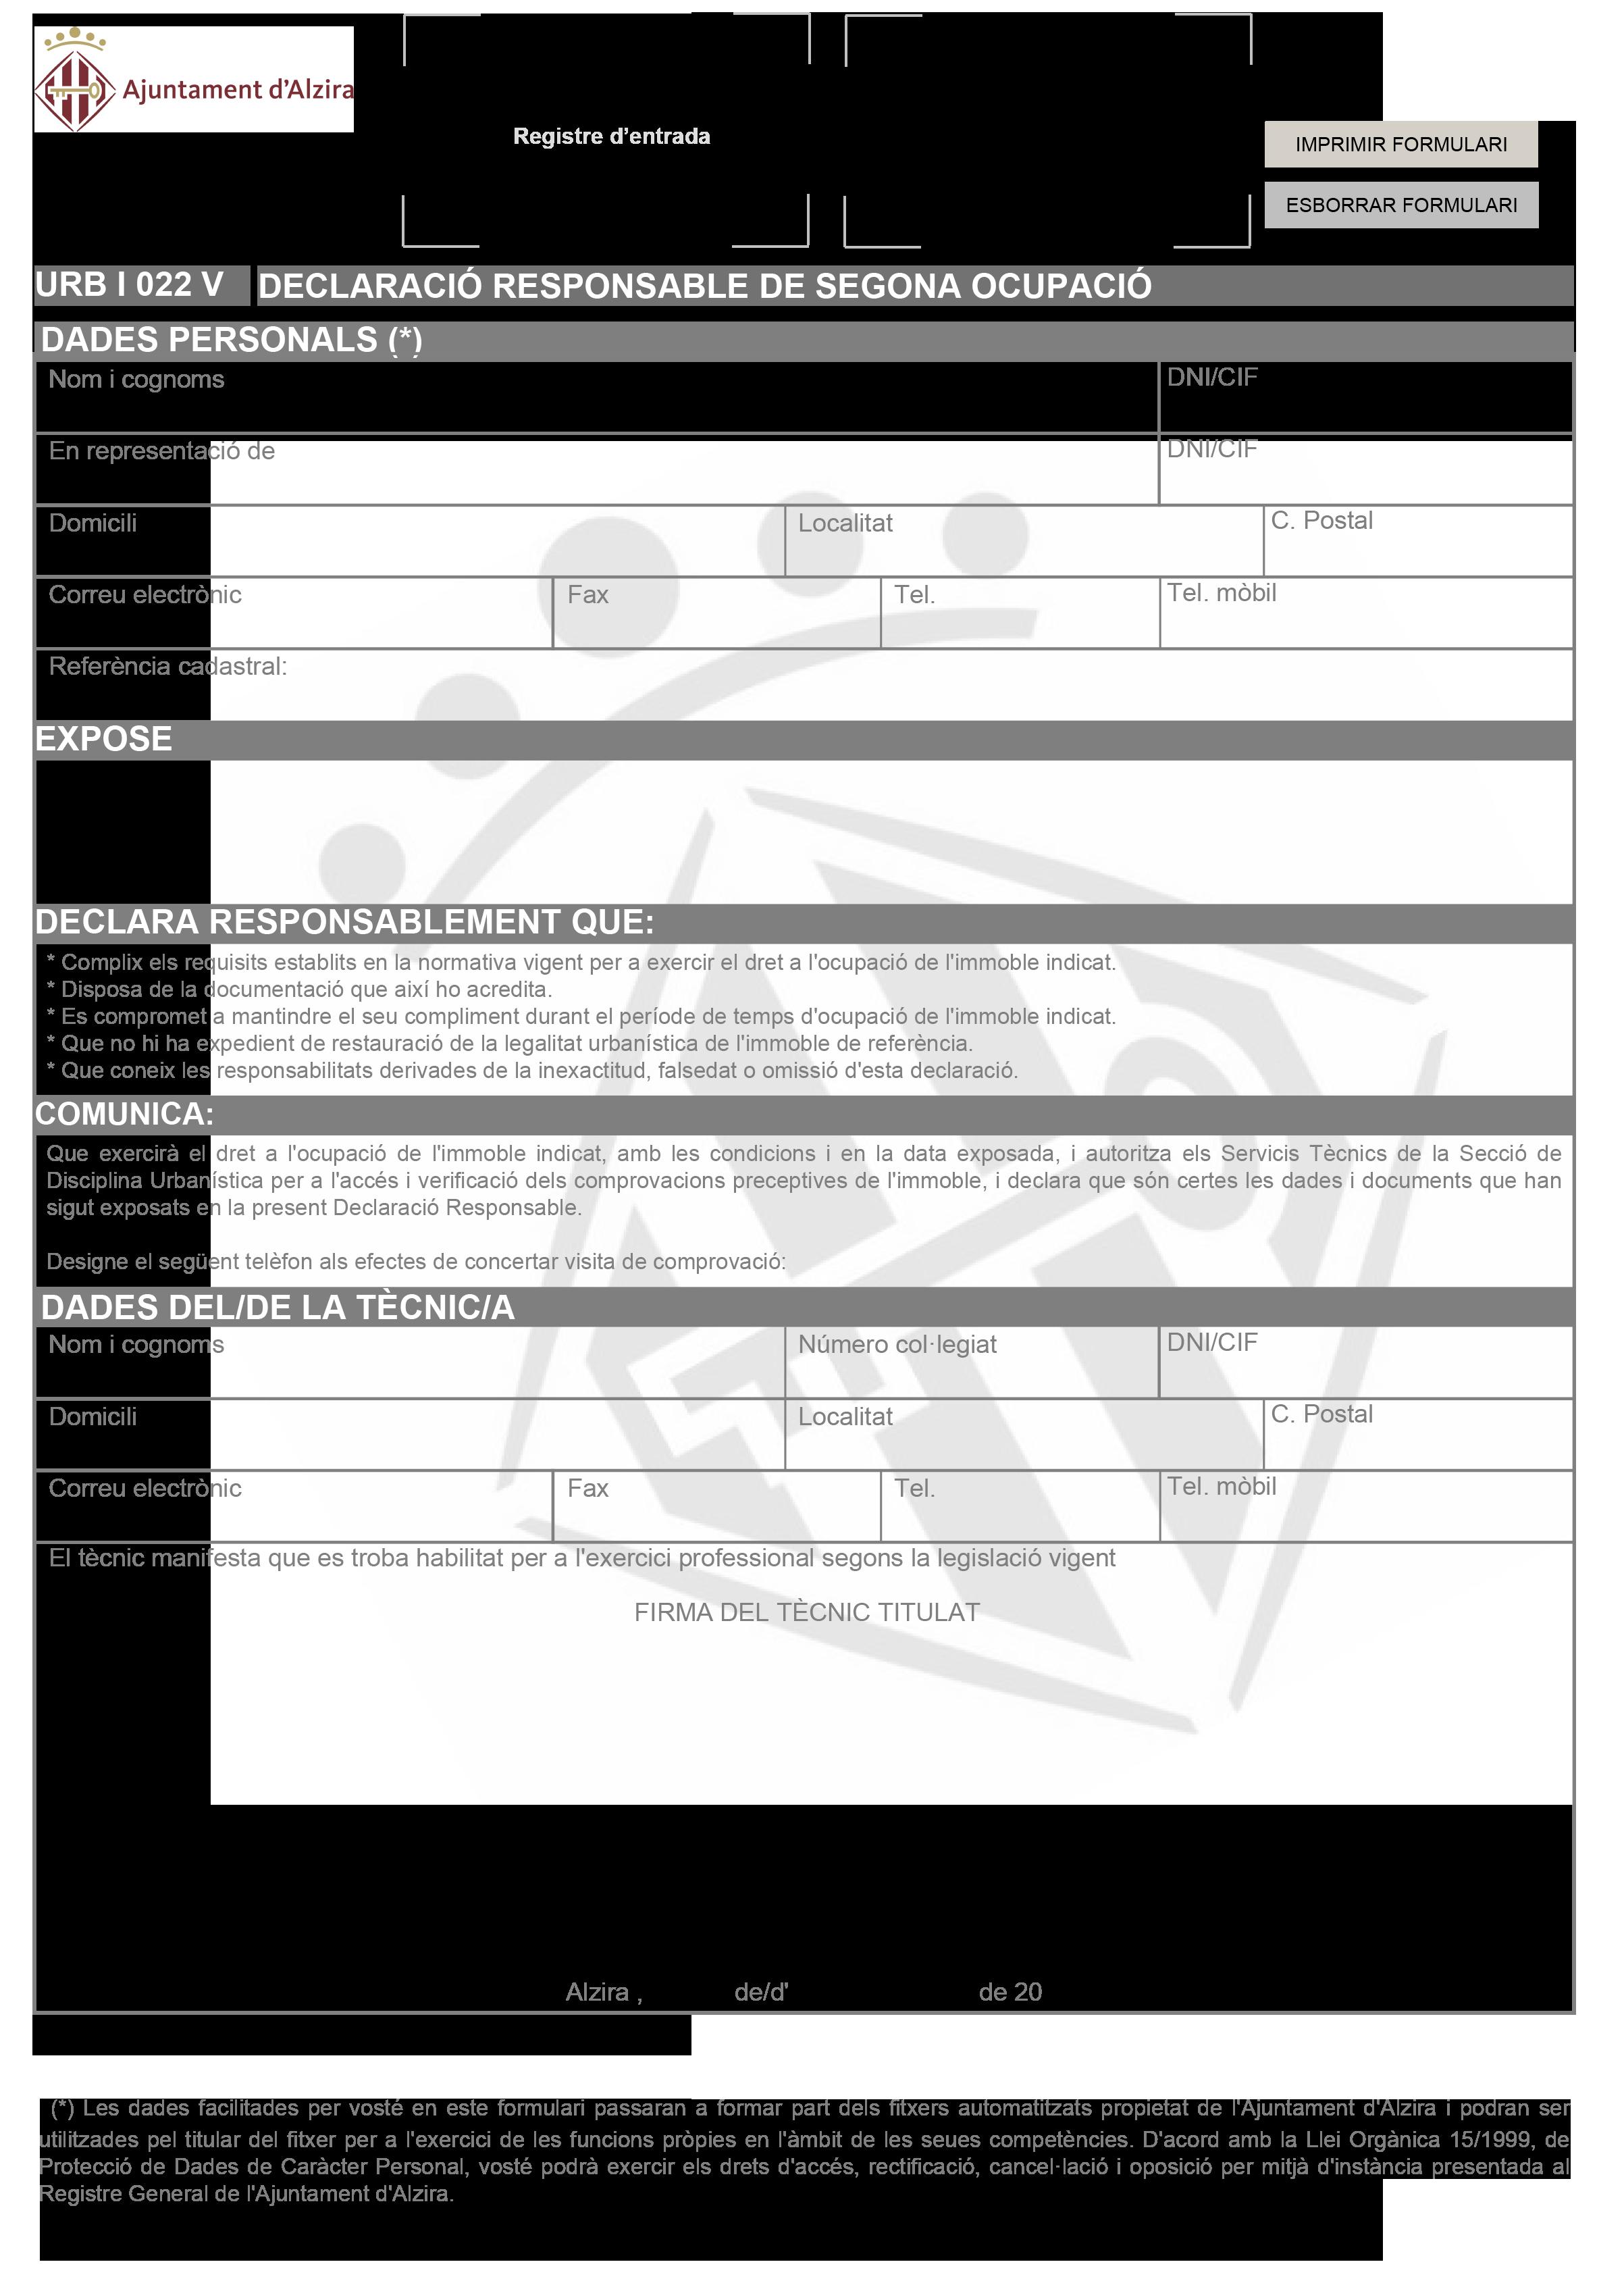 Impreso Declaración Responsable Segunda Ocupación Alcira/Alzira